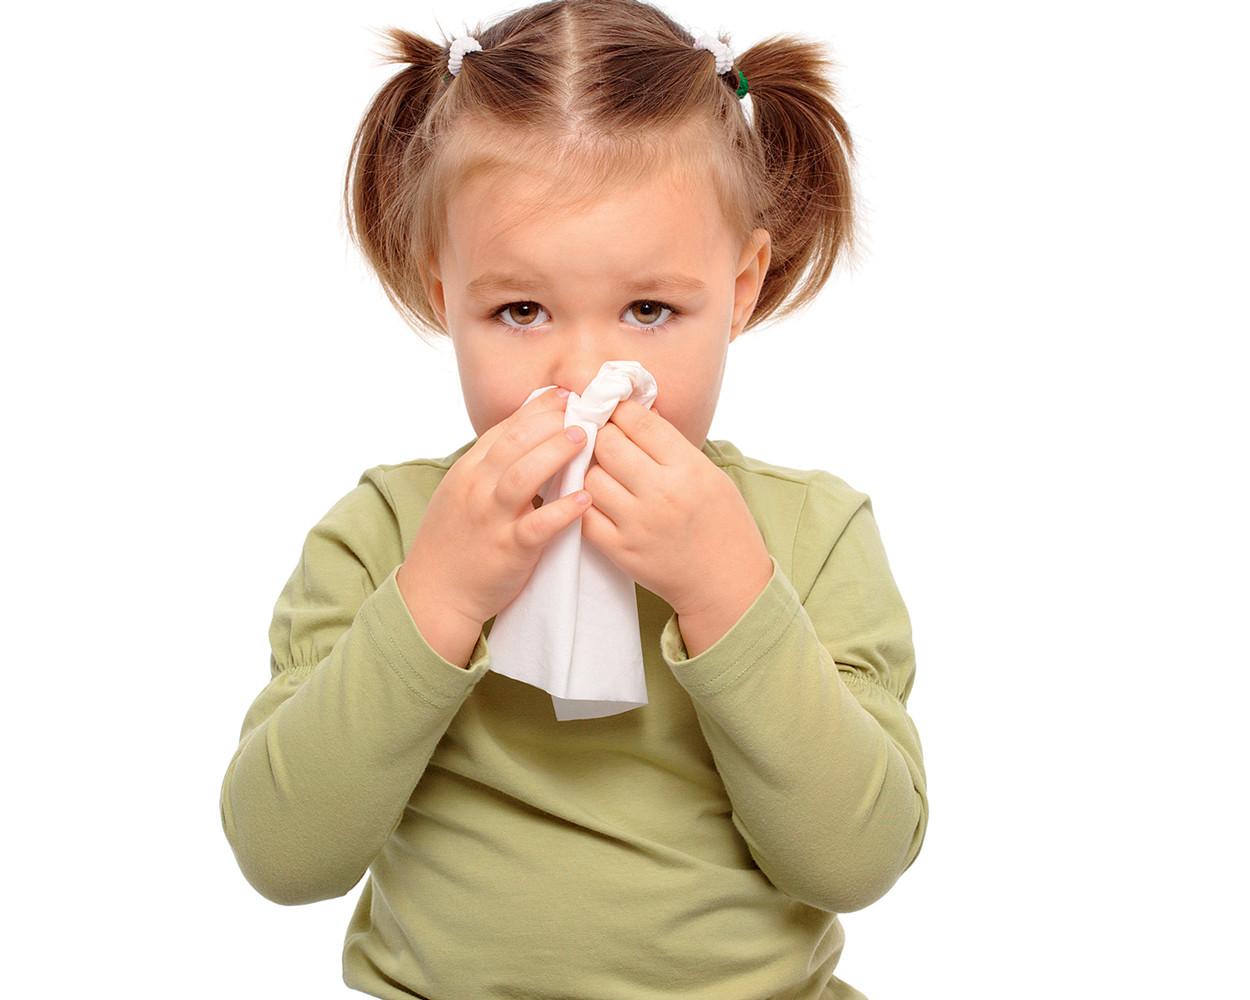 Симптомы гайморита у детей и методы лечения